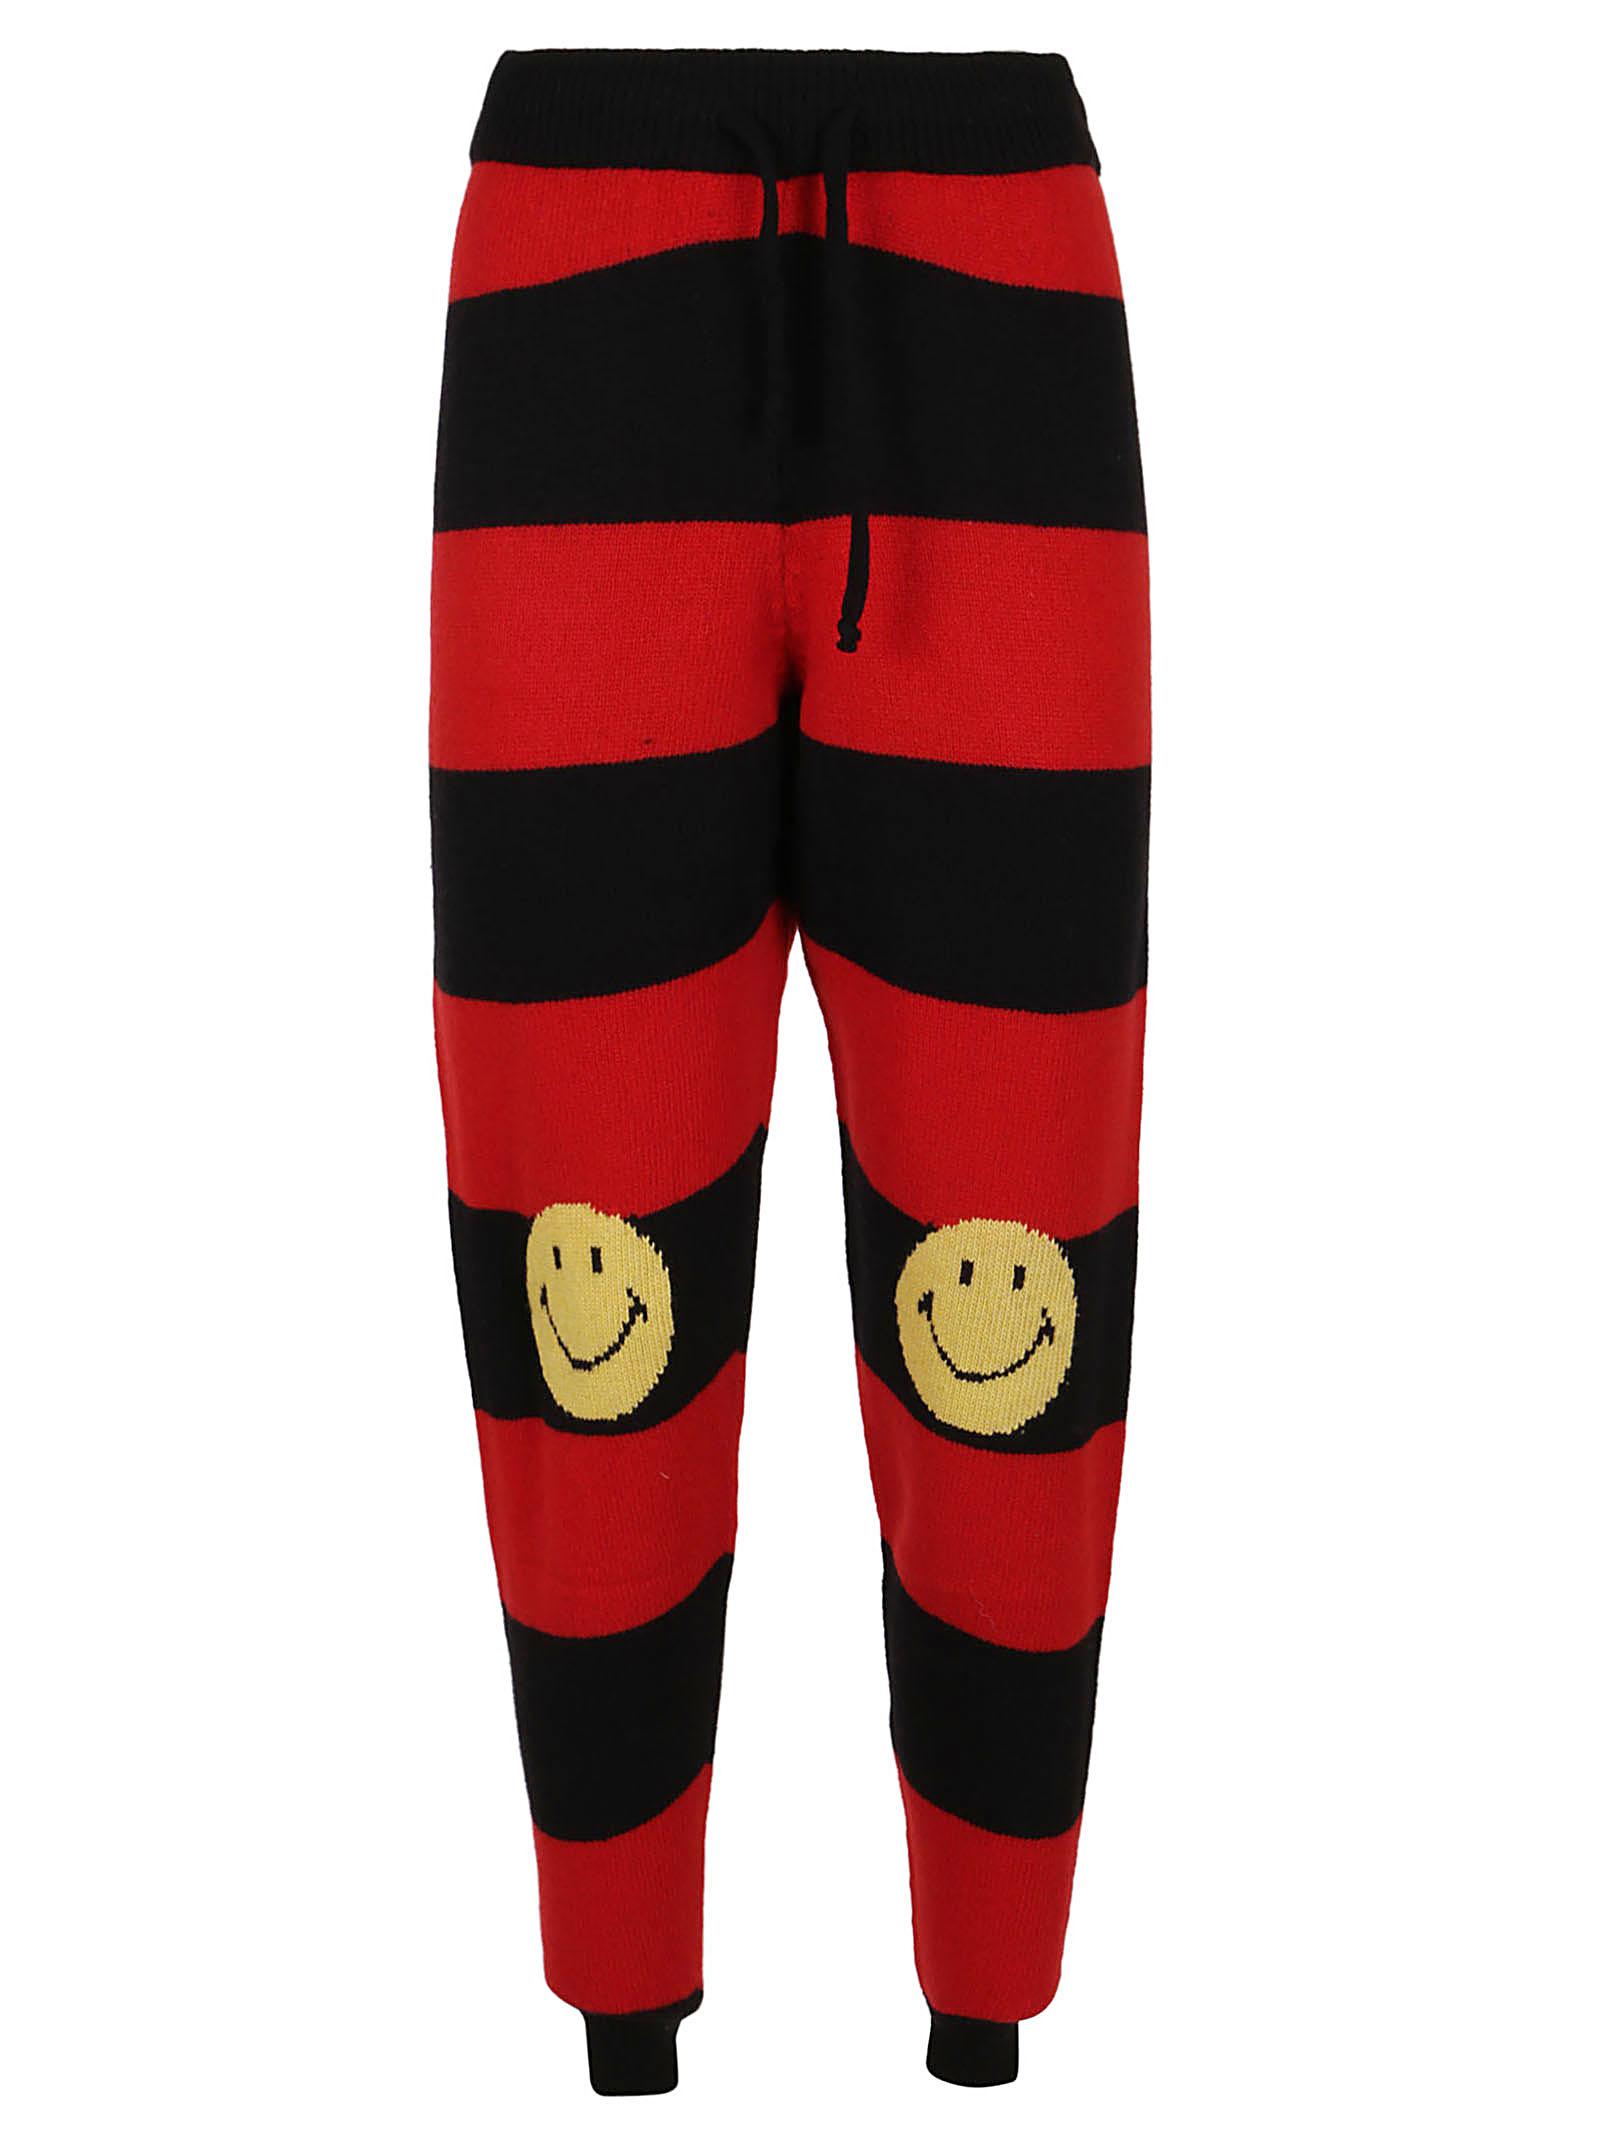 Striped Redblack Smiley Pants